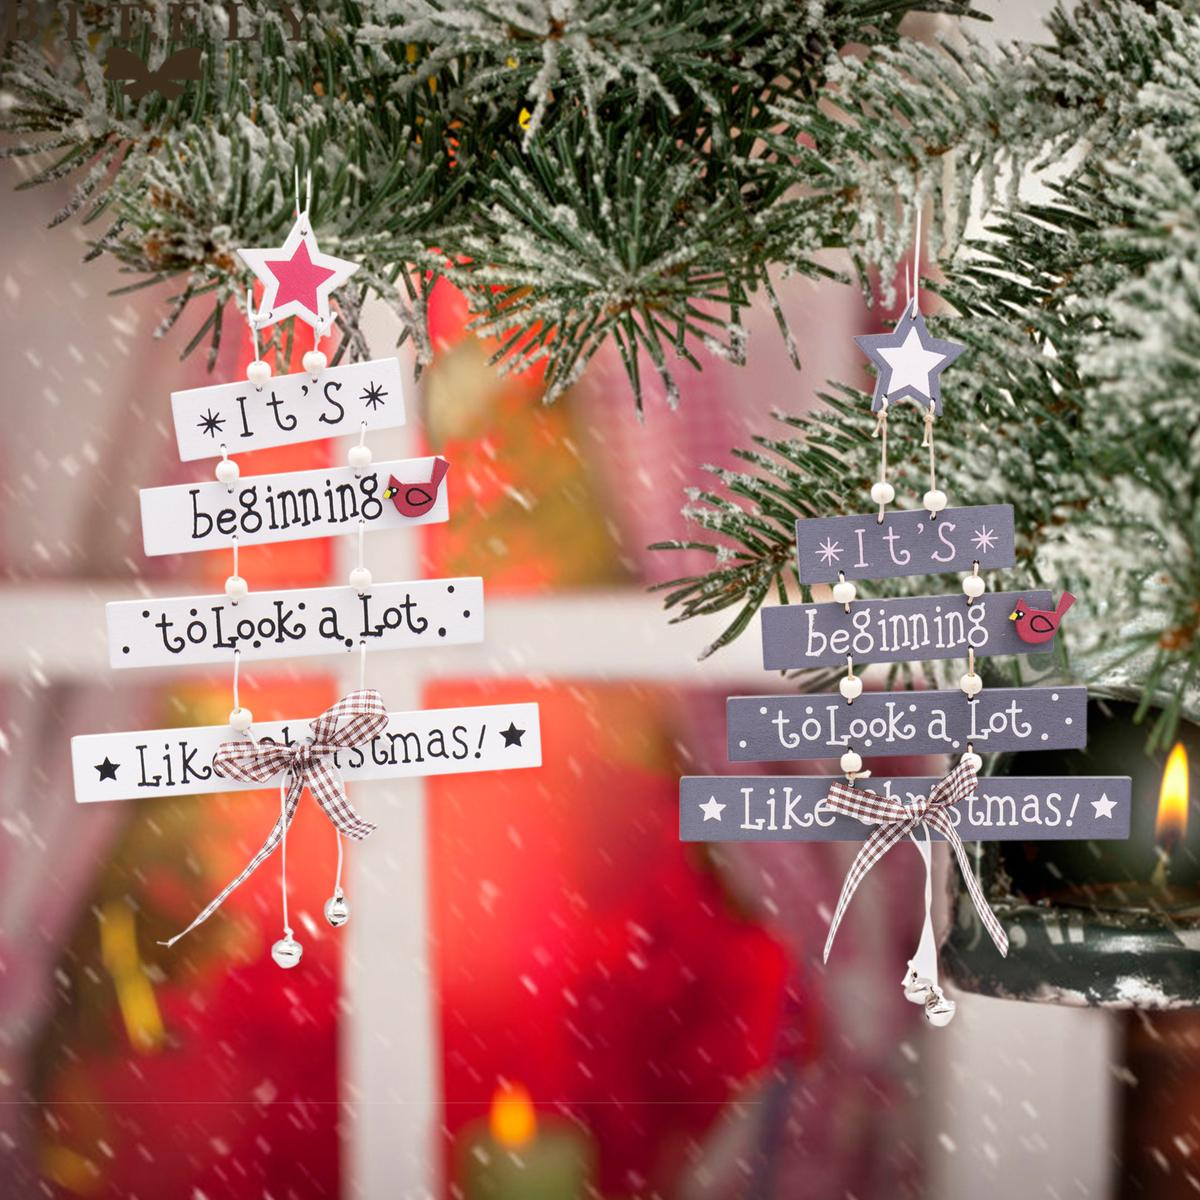 7eb5cef558b Compre 17x25 Cm De Madera Del Árbol De Navidad Feliz Navidad Colgantes De Madera  Decoraciones Casa DIY Adorno Vitrina Colgantes Árbol De Navidad Decoración  ...